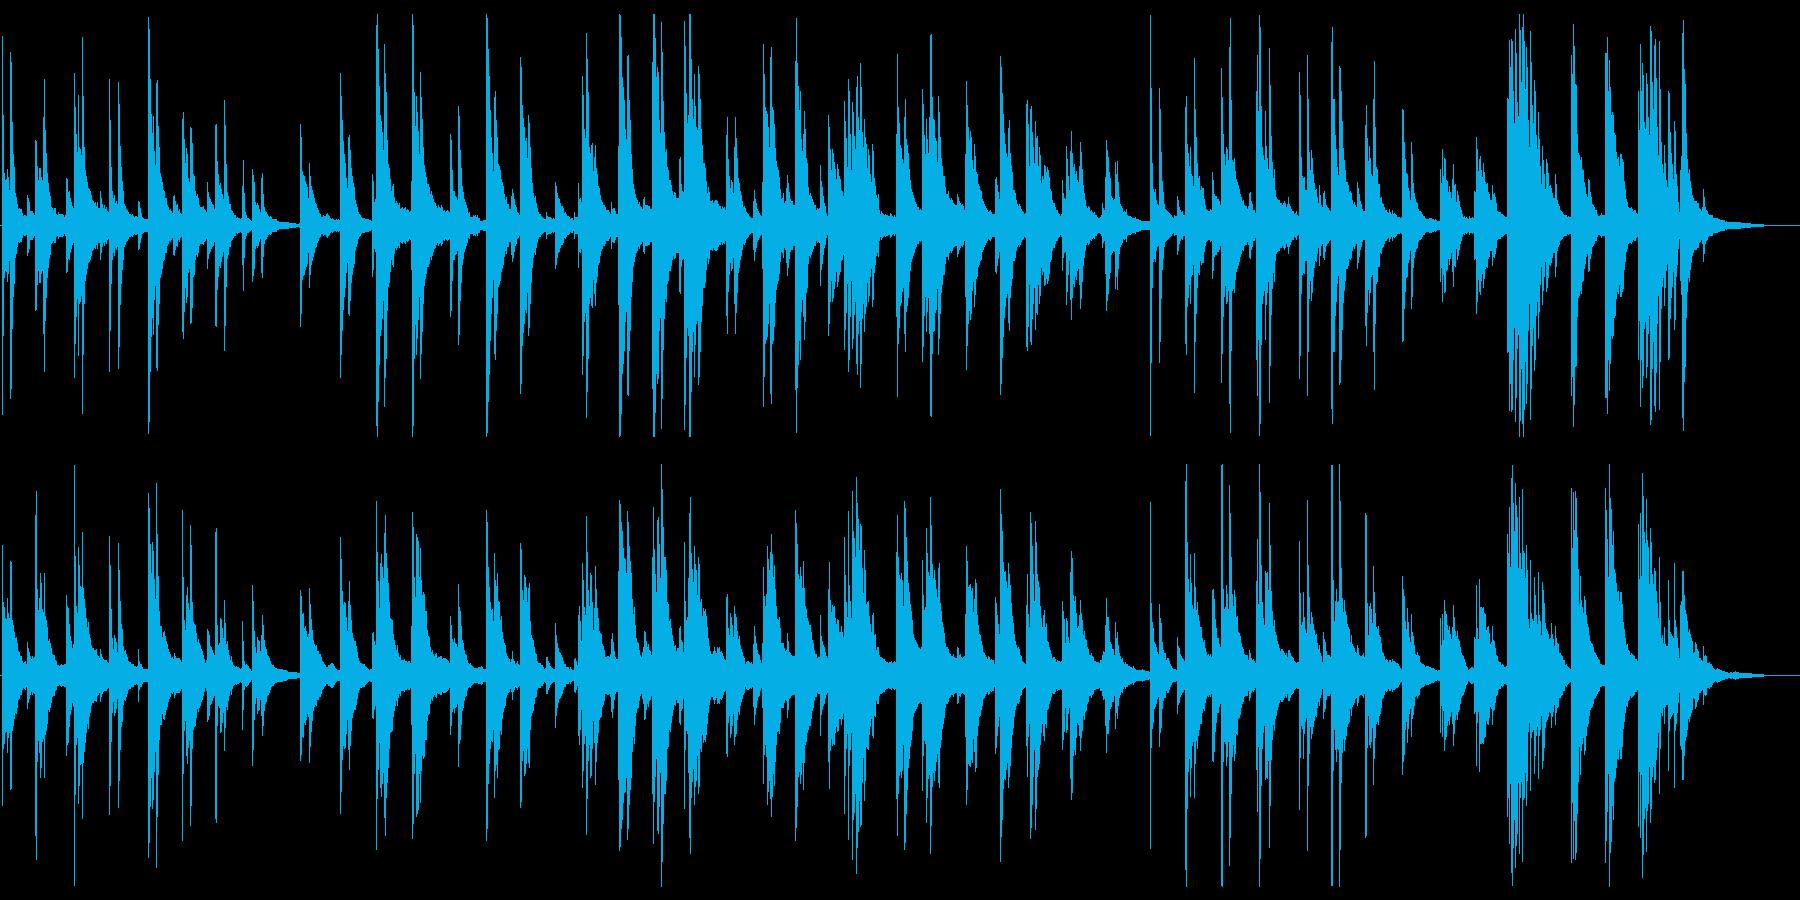 しっとりしたピアノの夜想曲の再生済みの波形